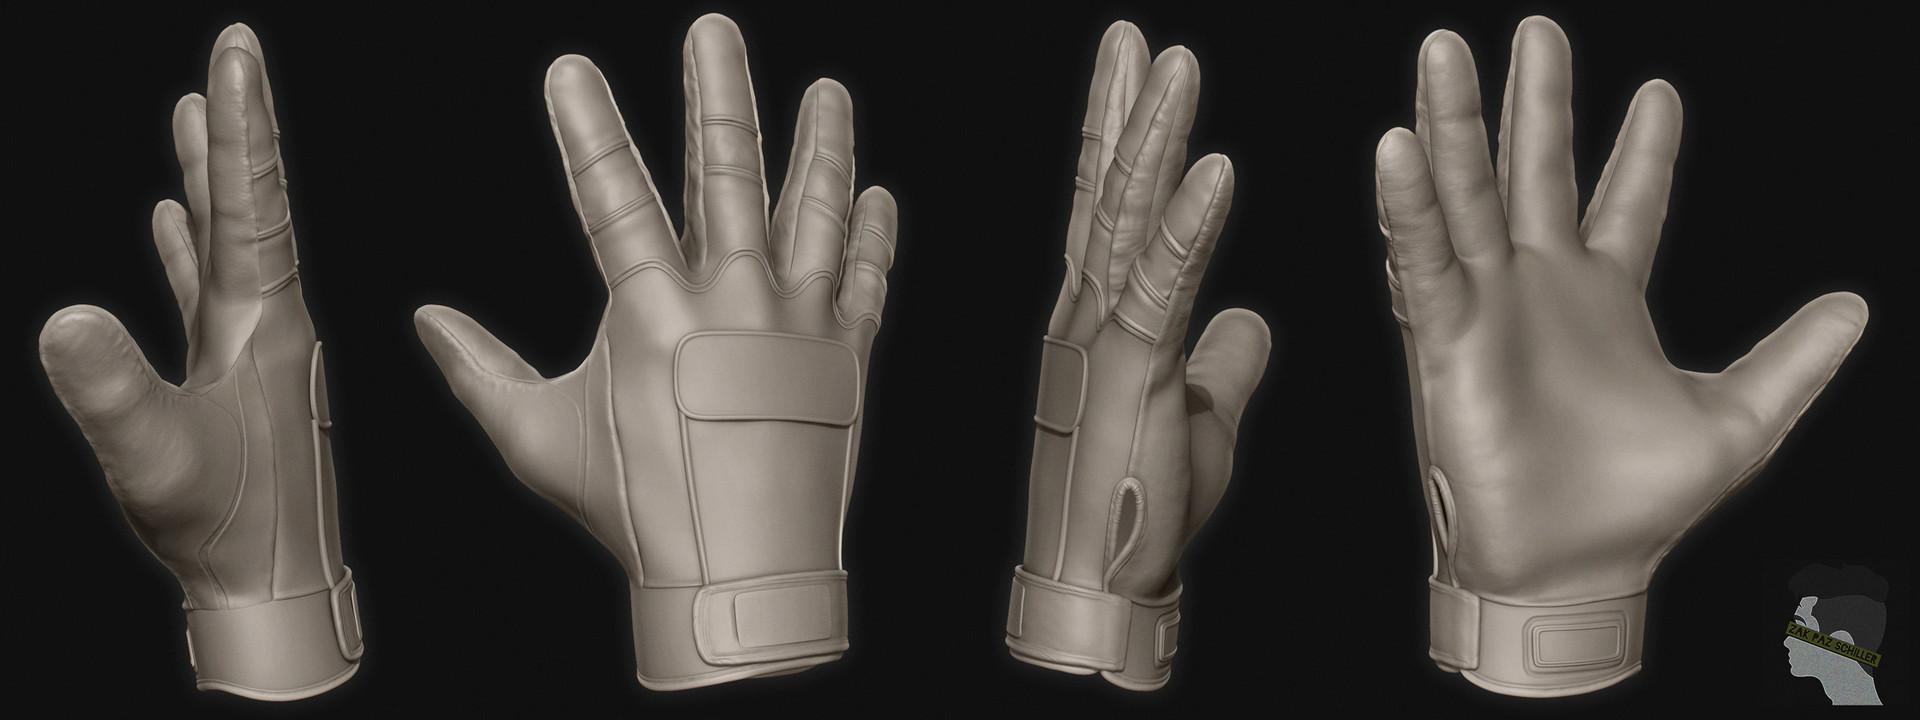 Zak schiller glove sculpt